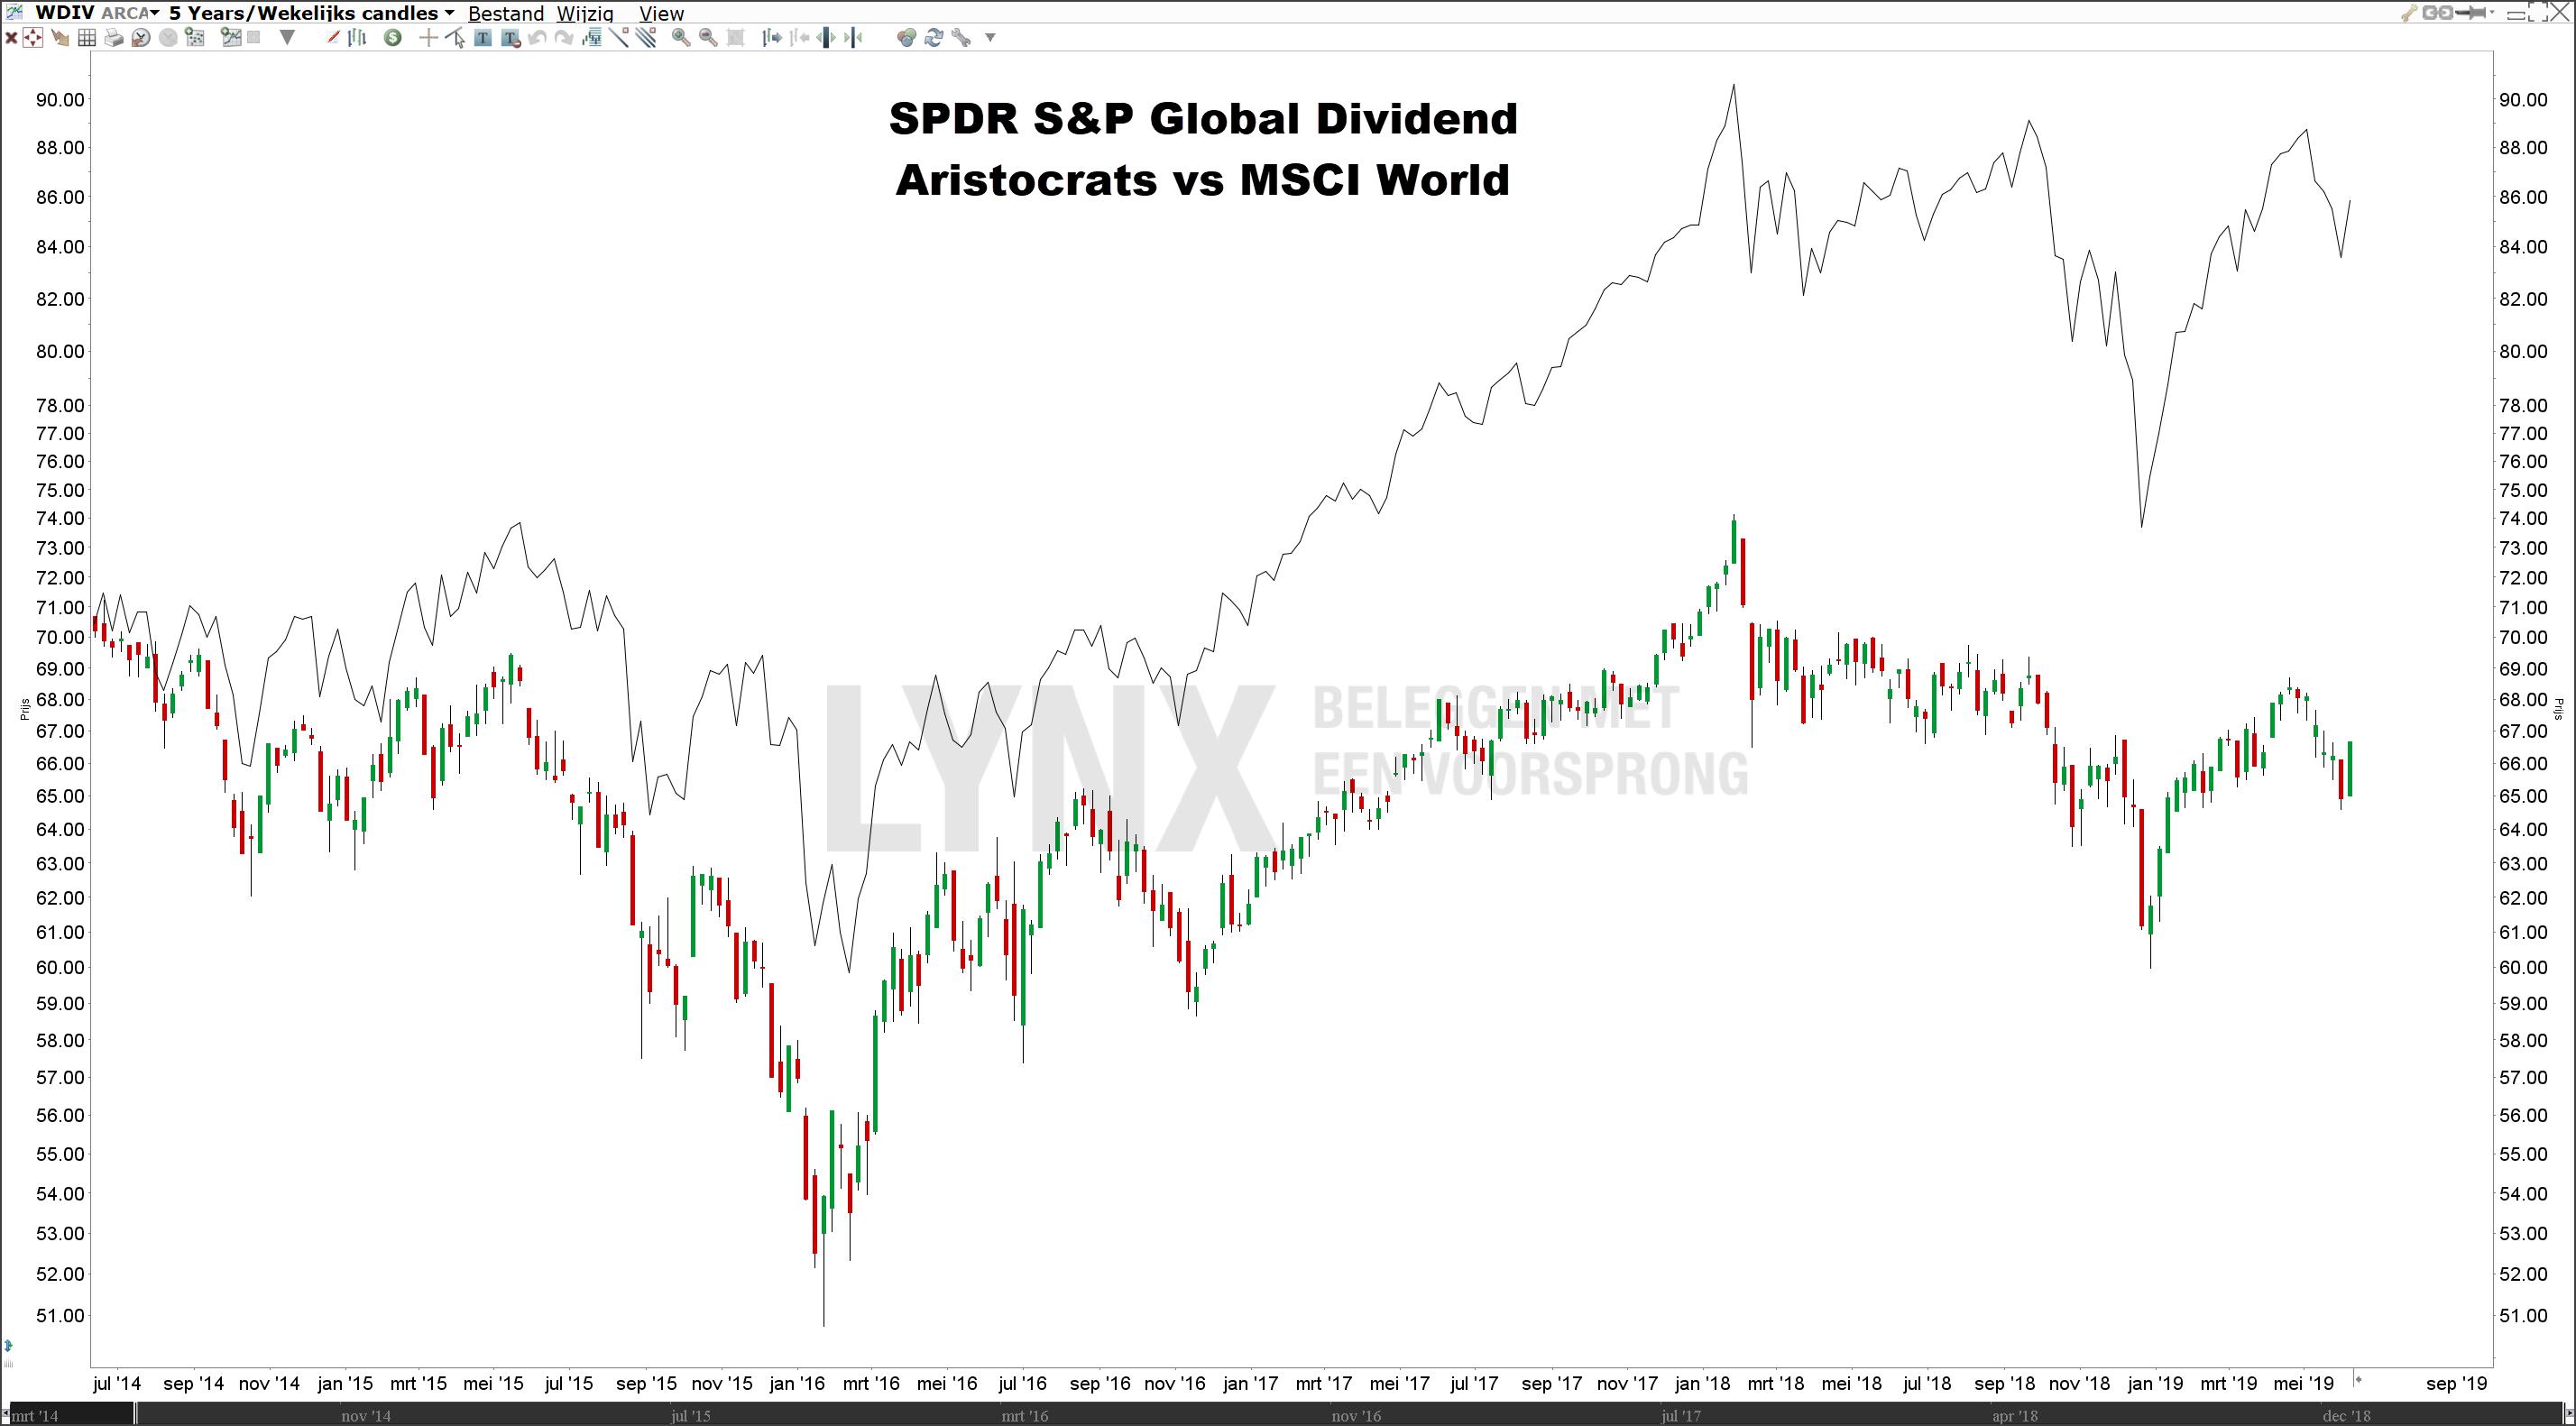 Beste dividend ETF SPDR Global dividend